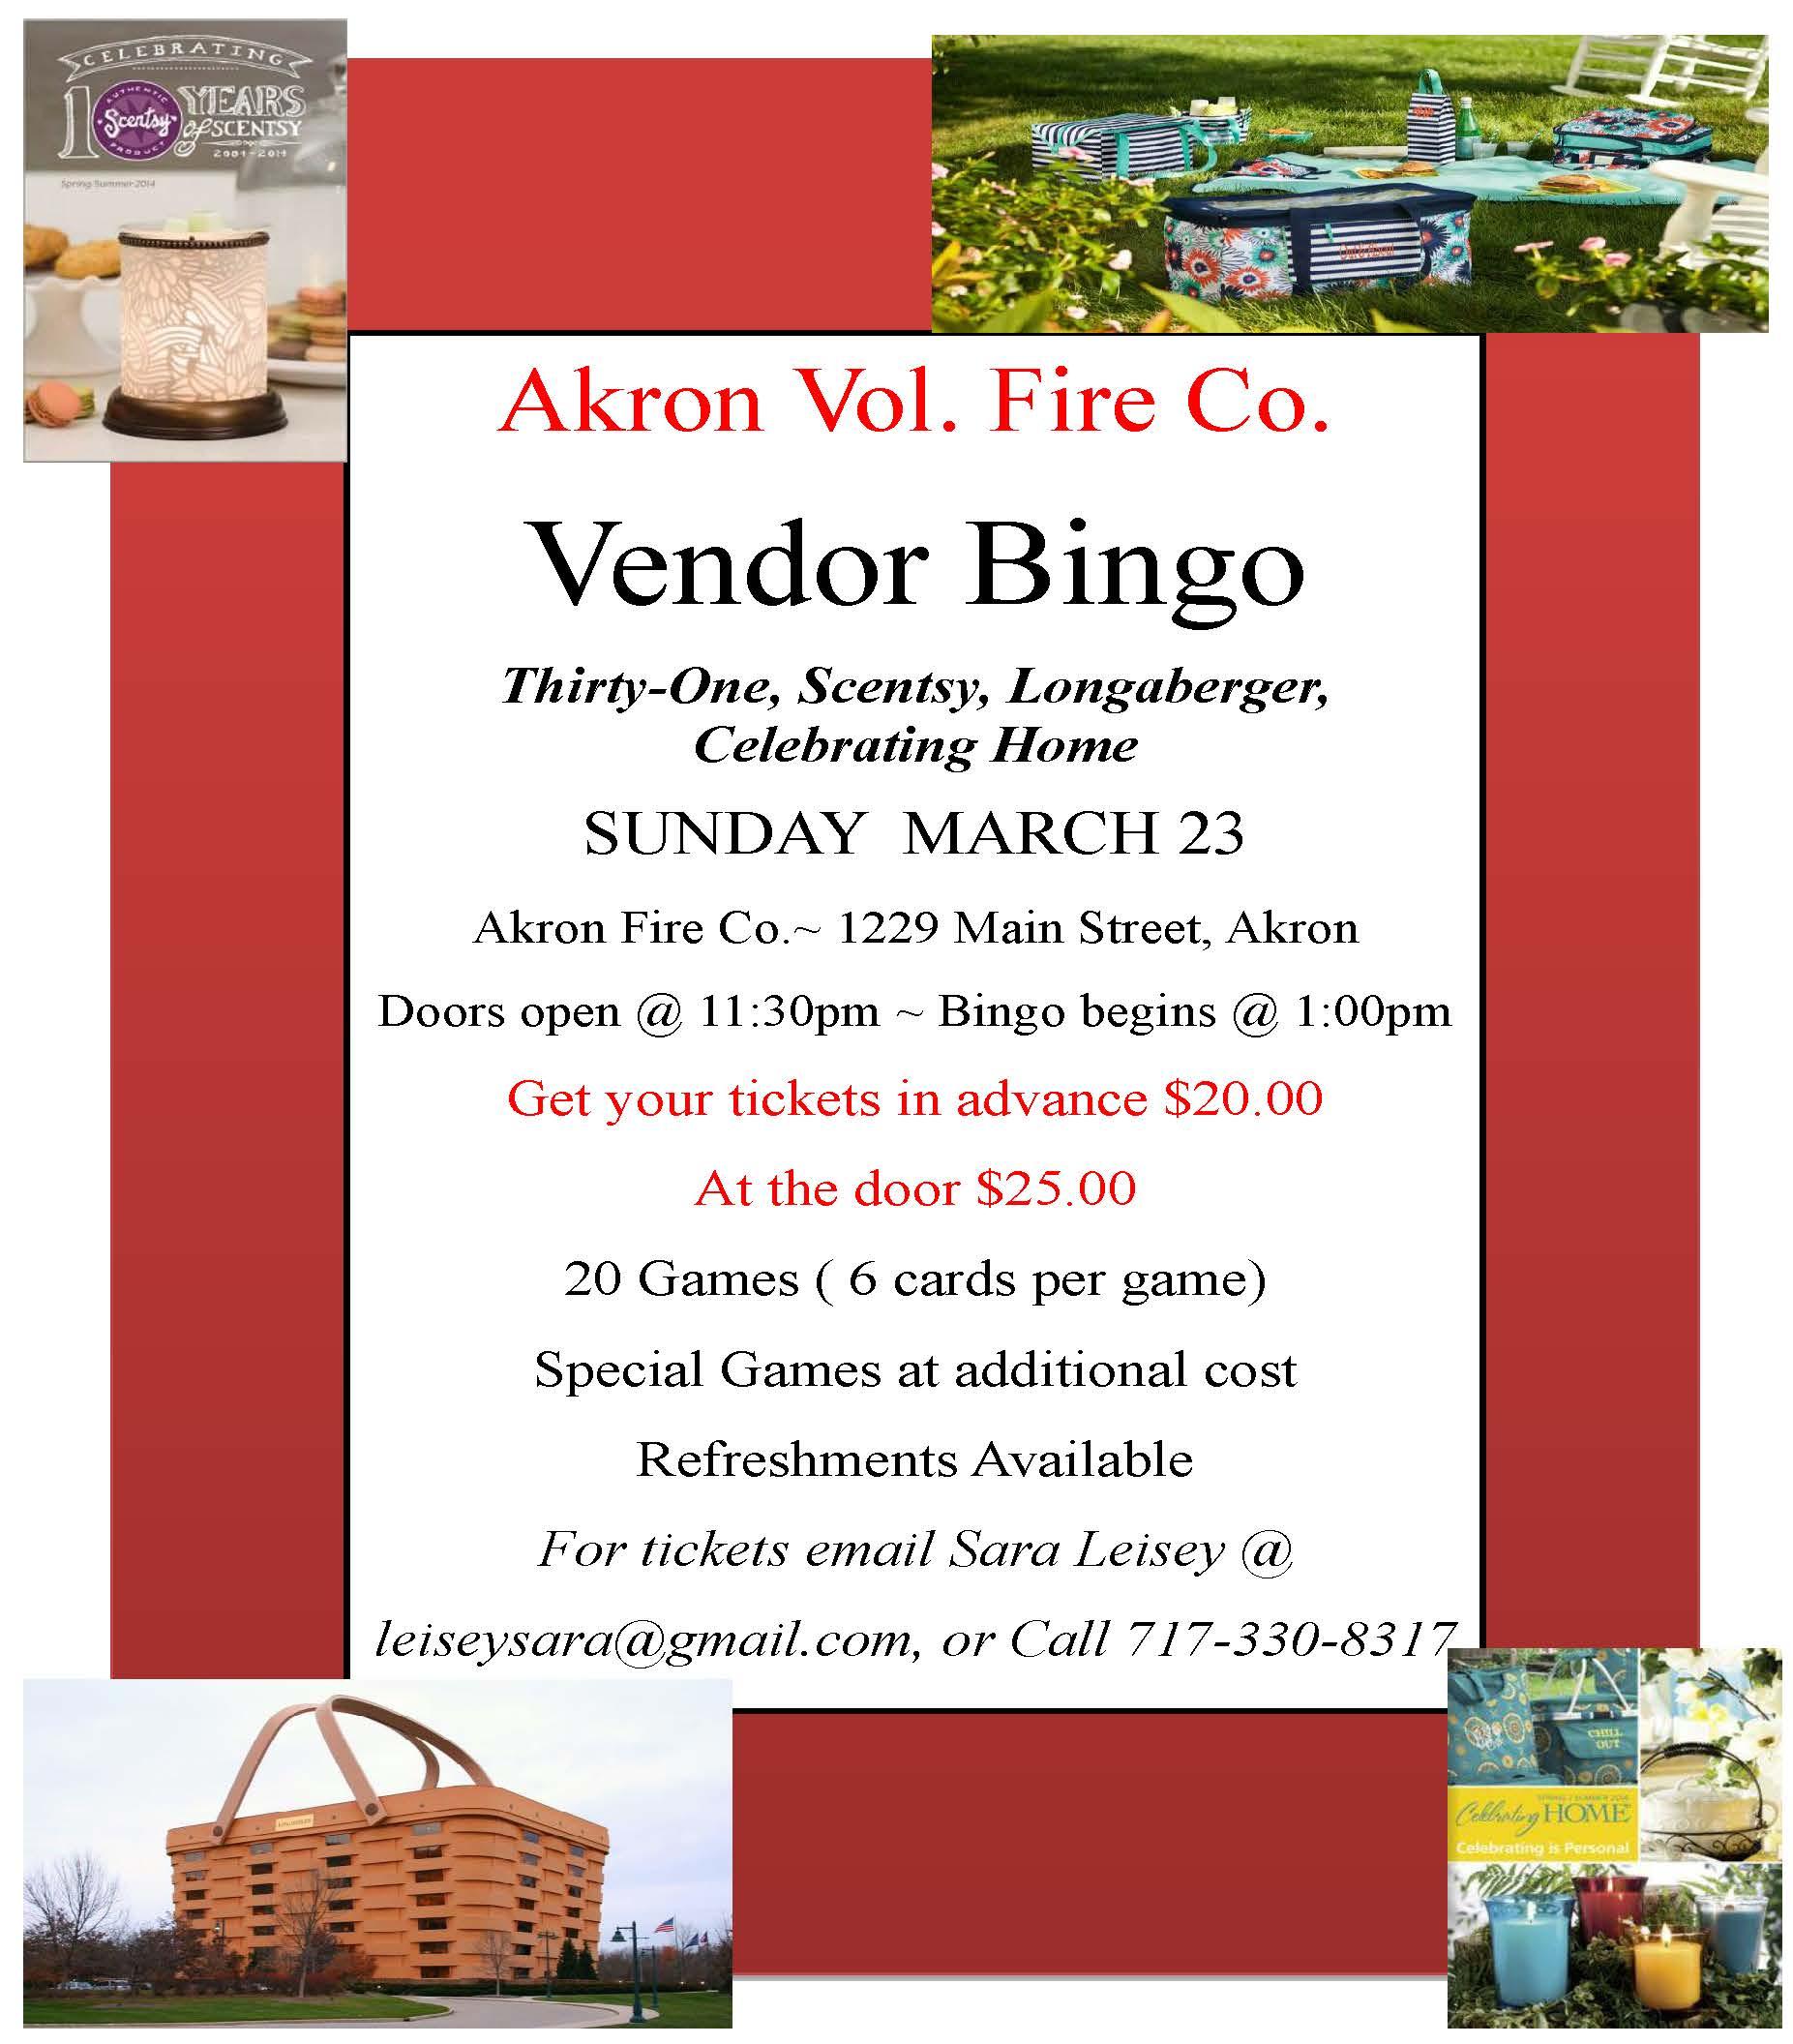 2014 Vendor Bingo Flyer